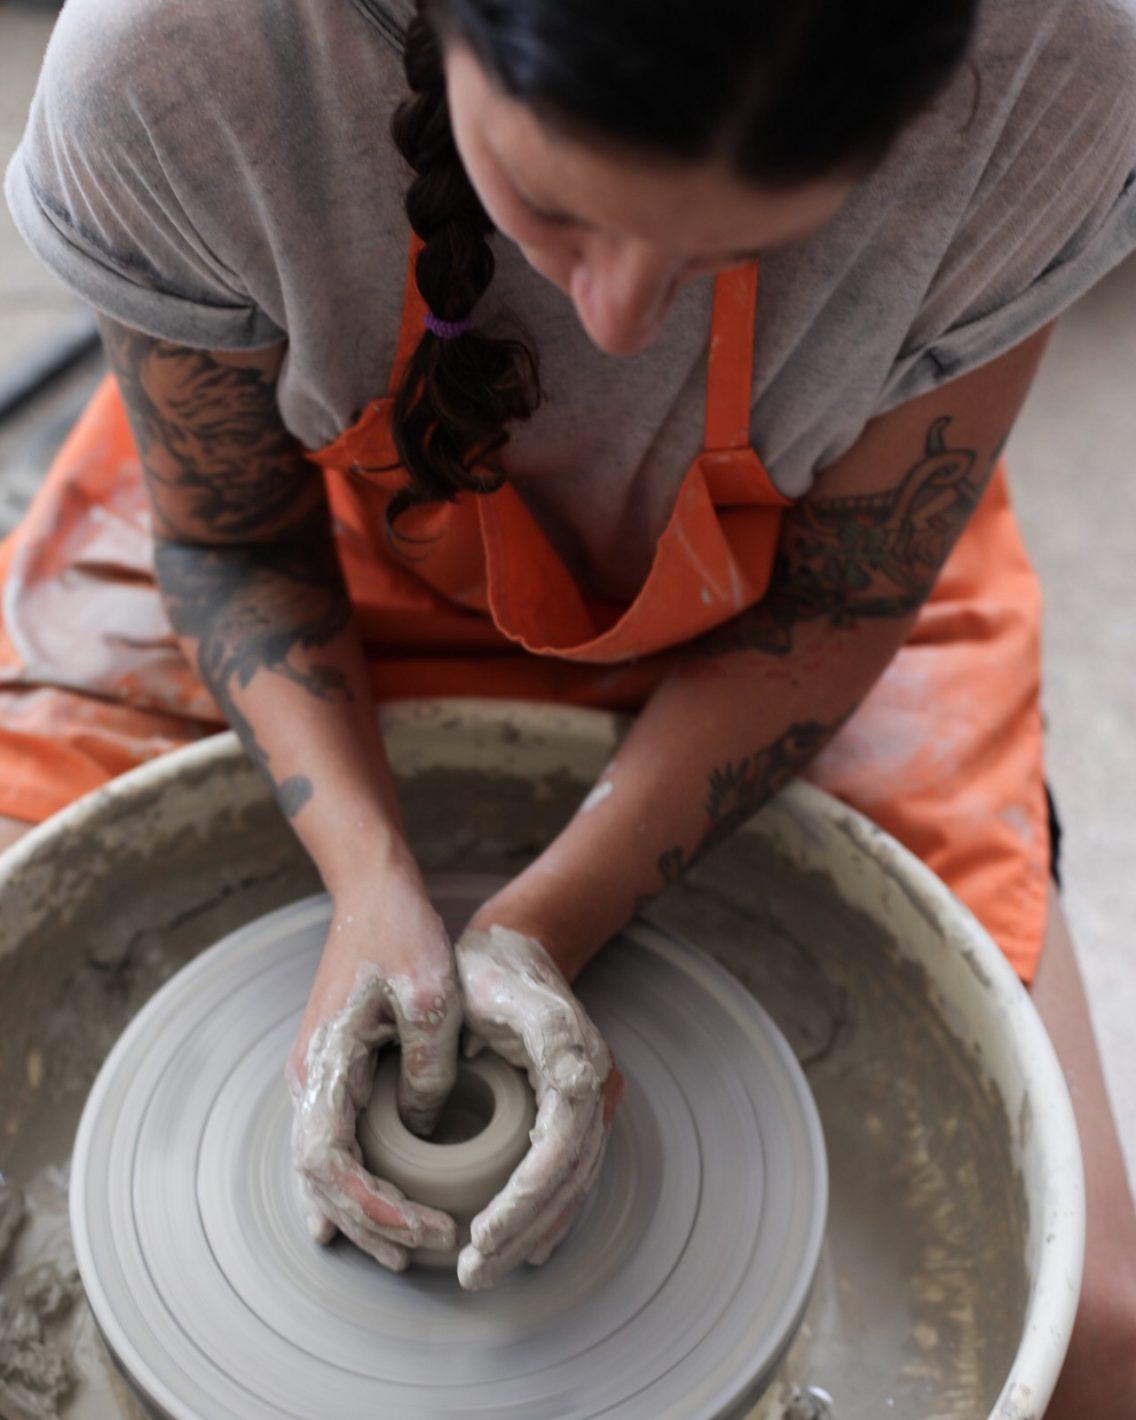 Otra compañera de clase agujereando la argila blanca para hacer un cilindro